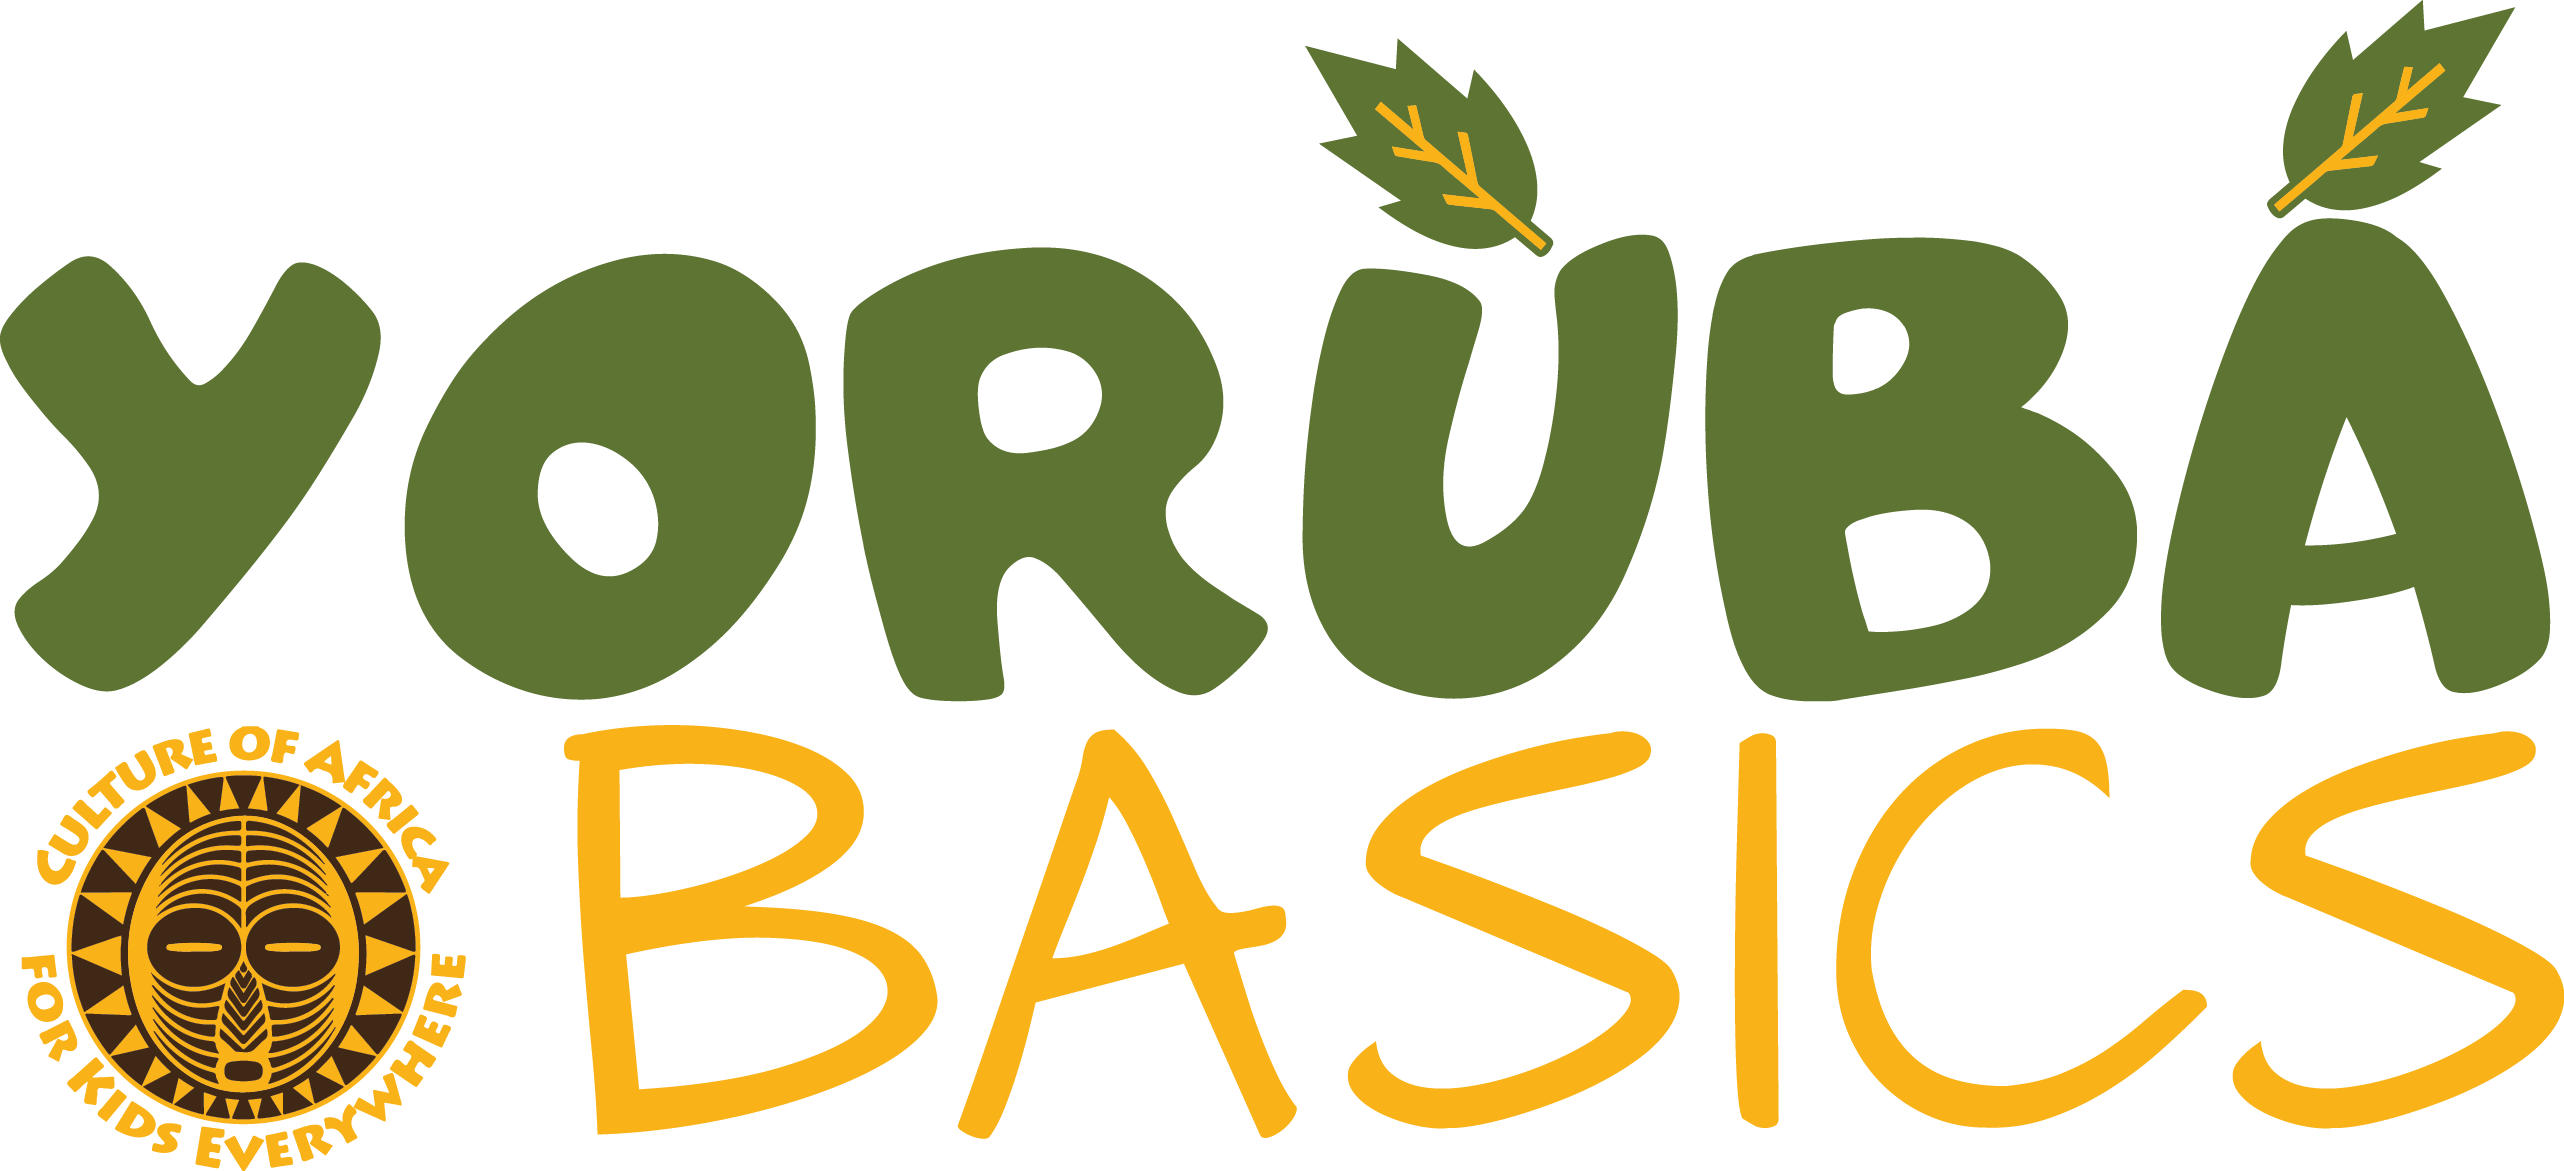 Yoruba Basics Logo